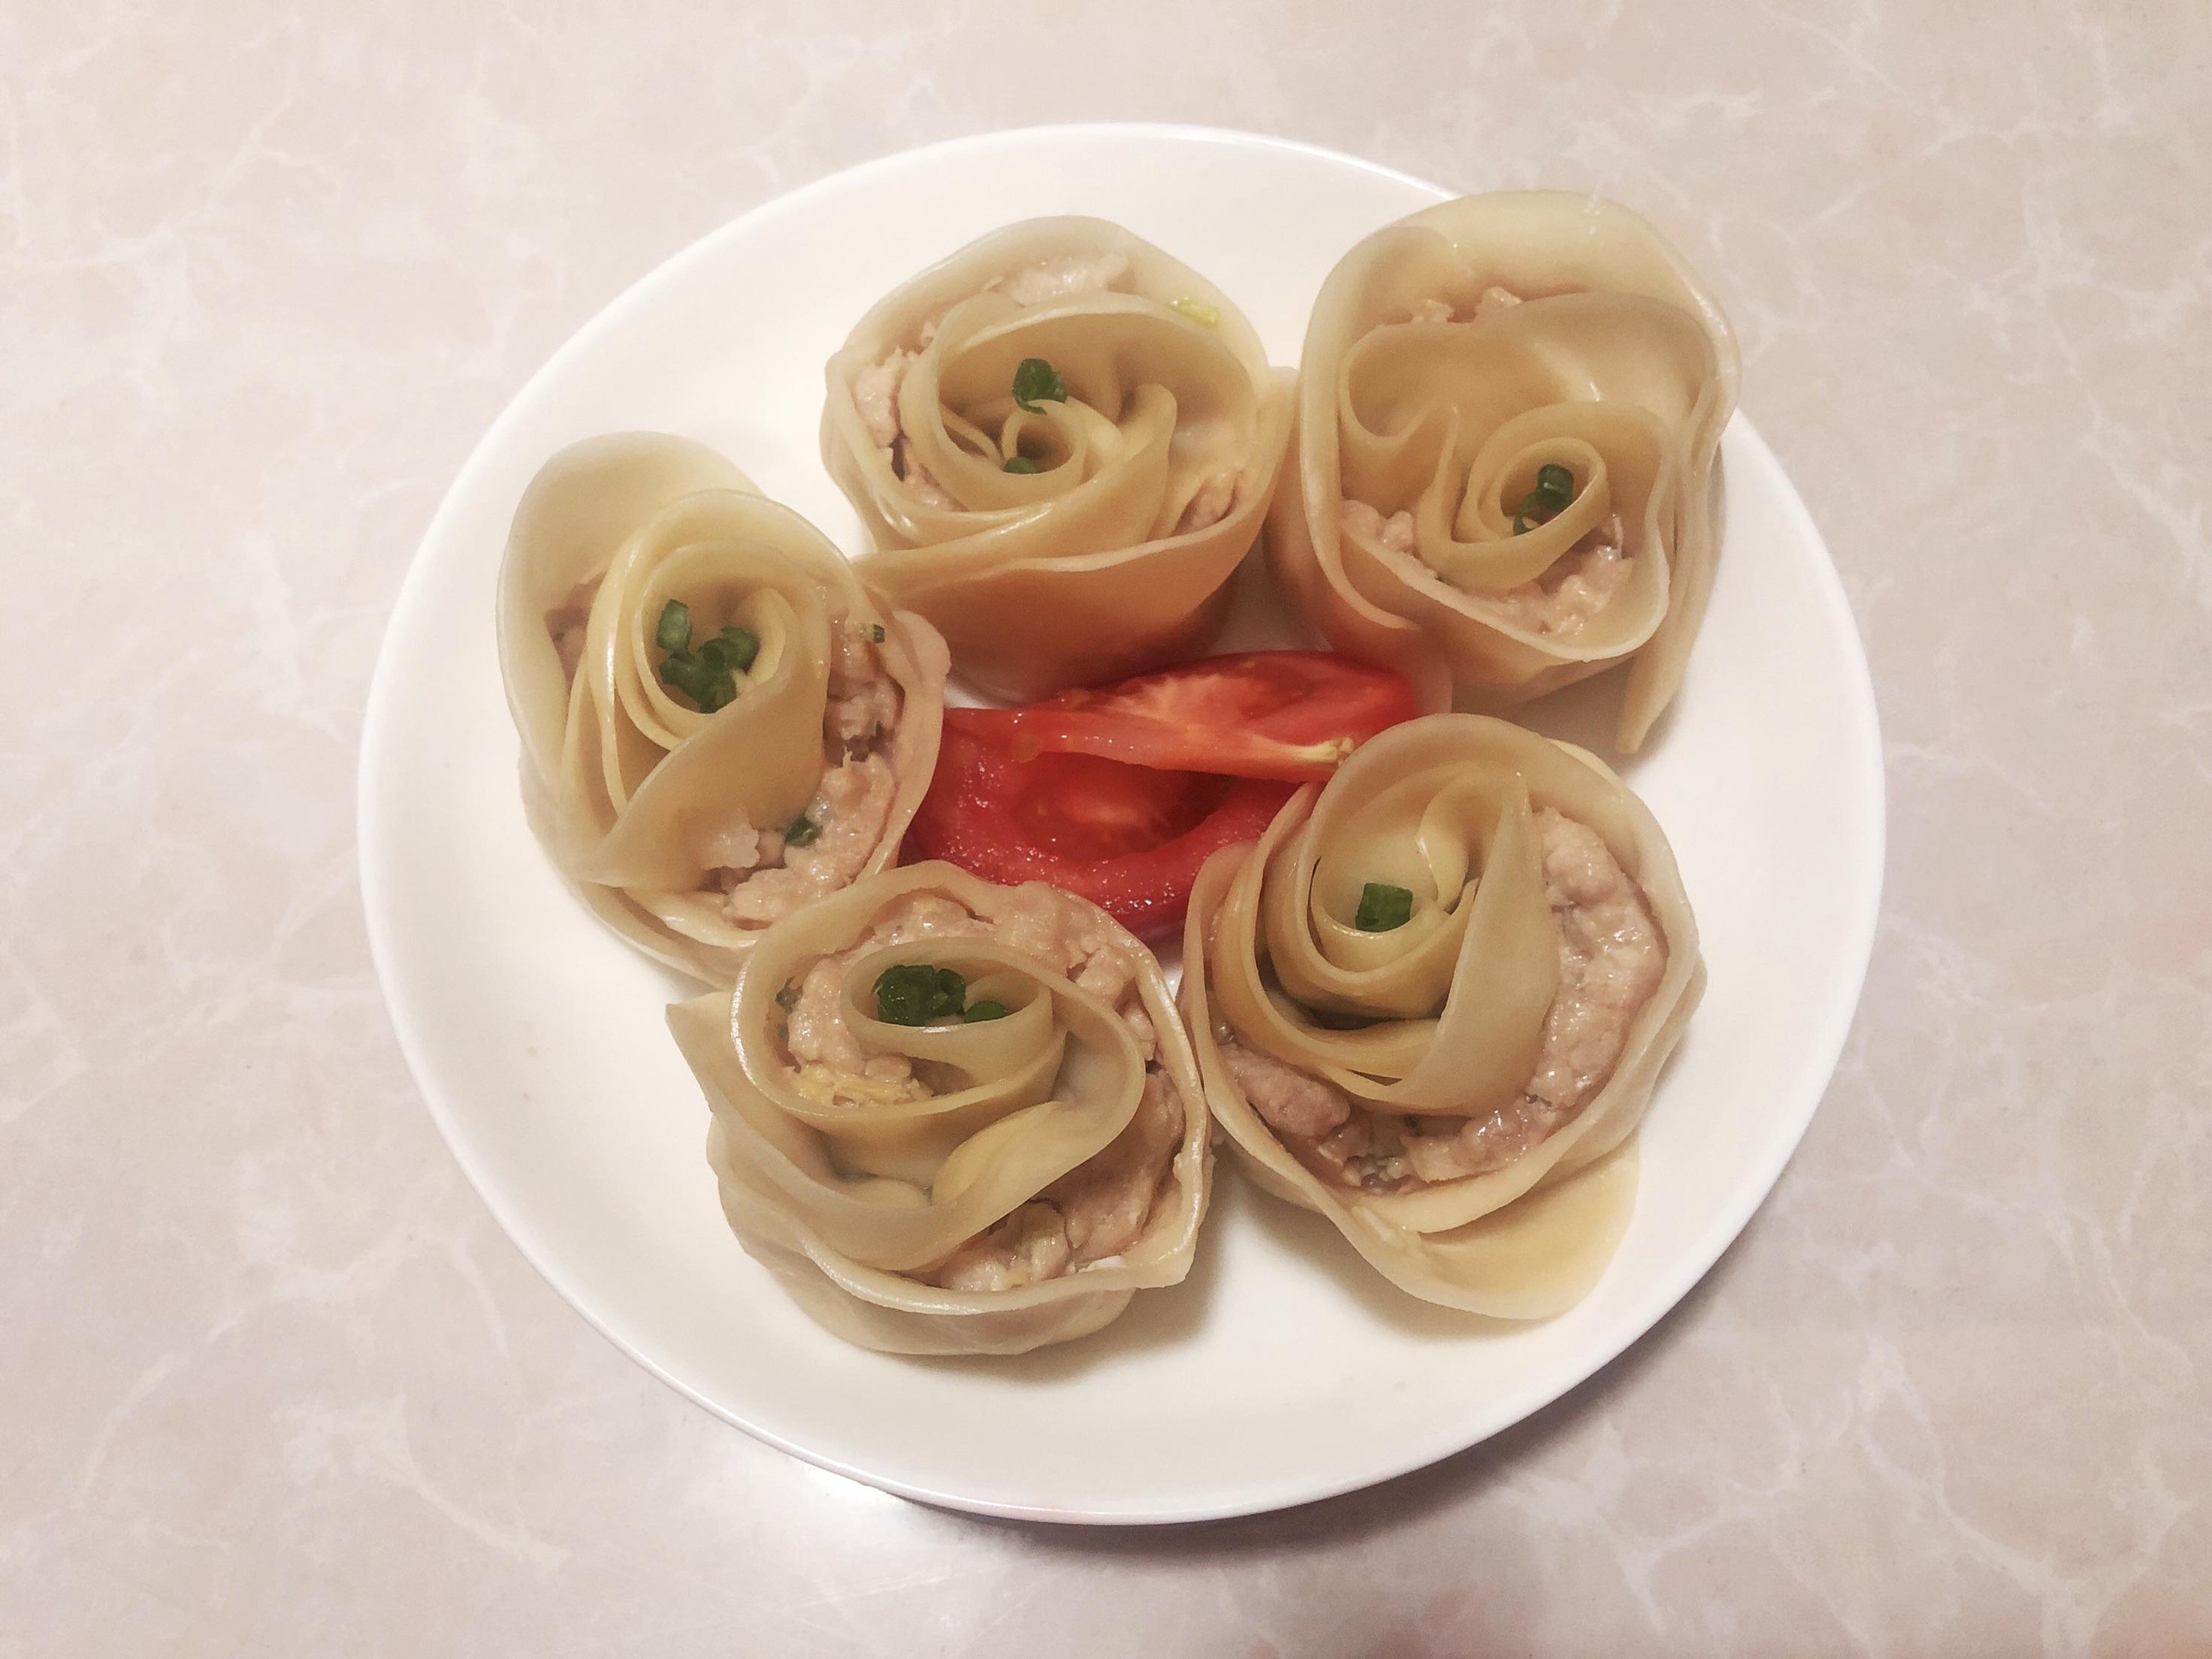 料酒两小滴 醋一小滴 淀粉少许 葱一根 姜一小片 玫瑰花饺的做法步骤